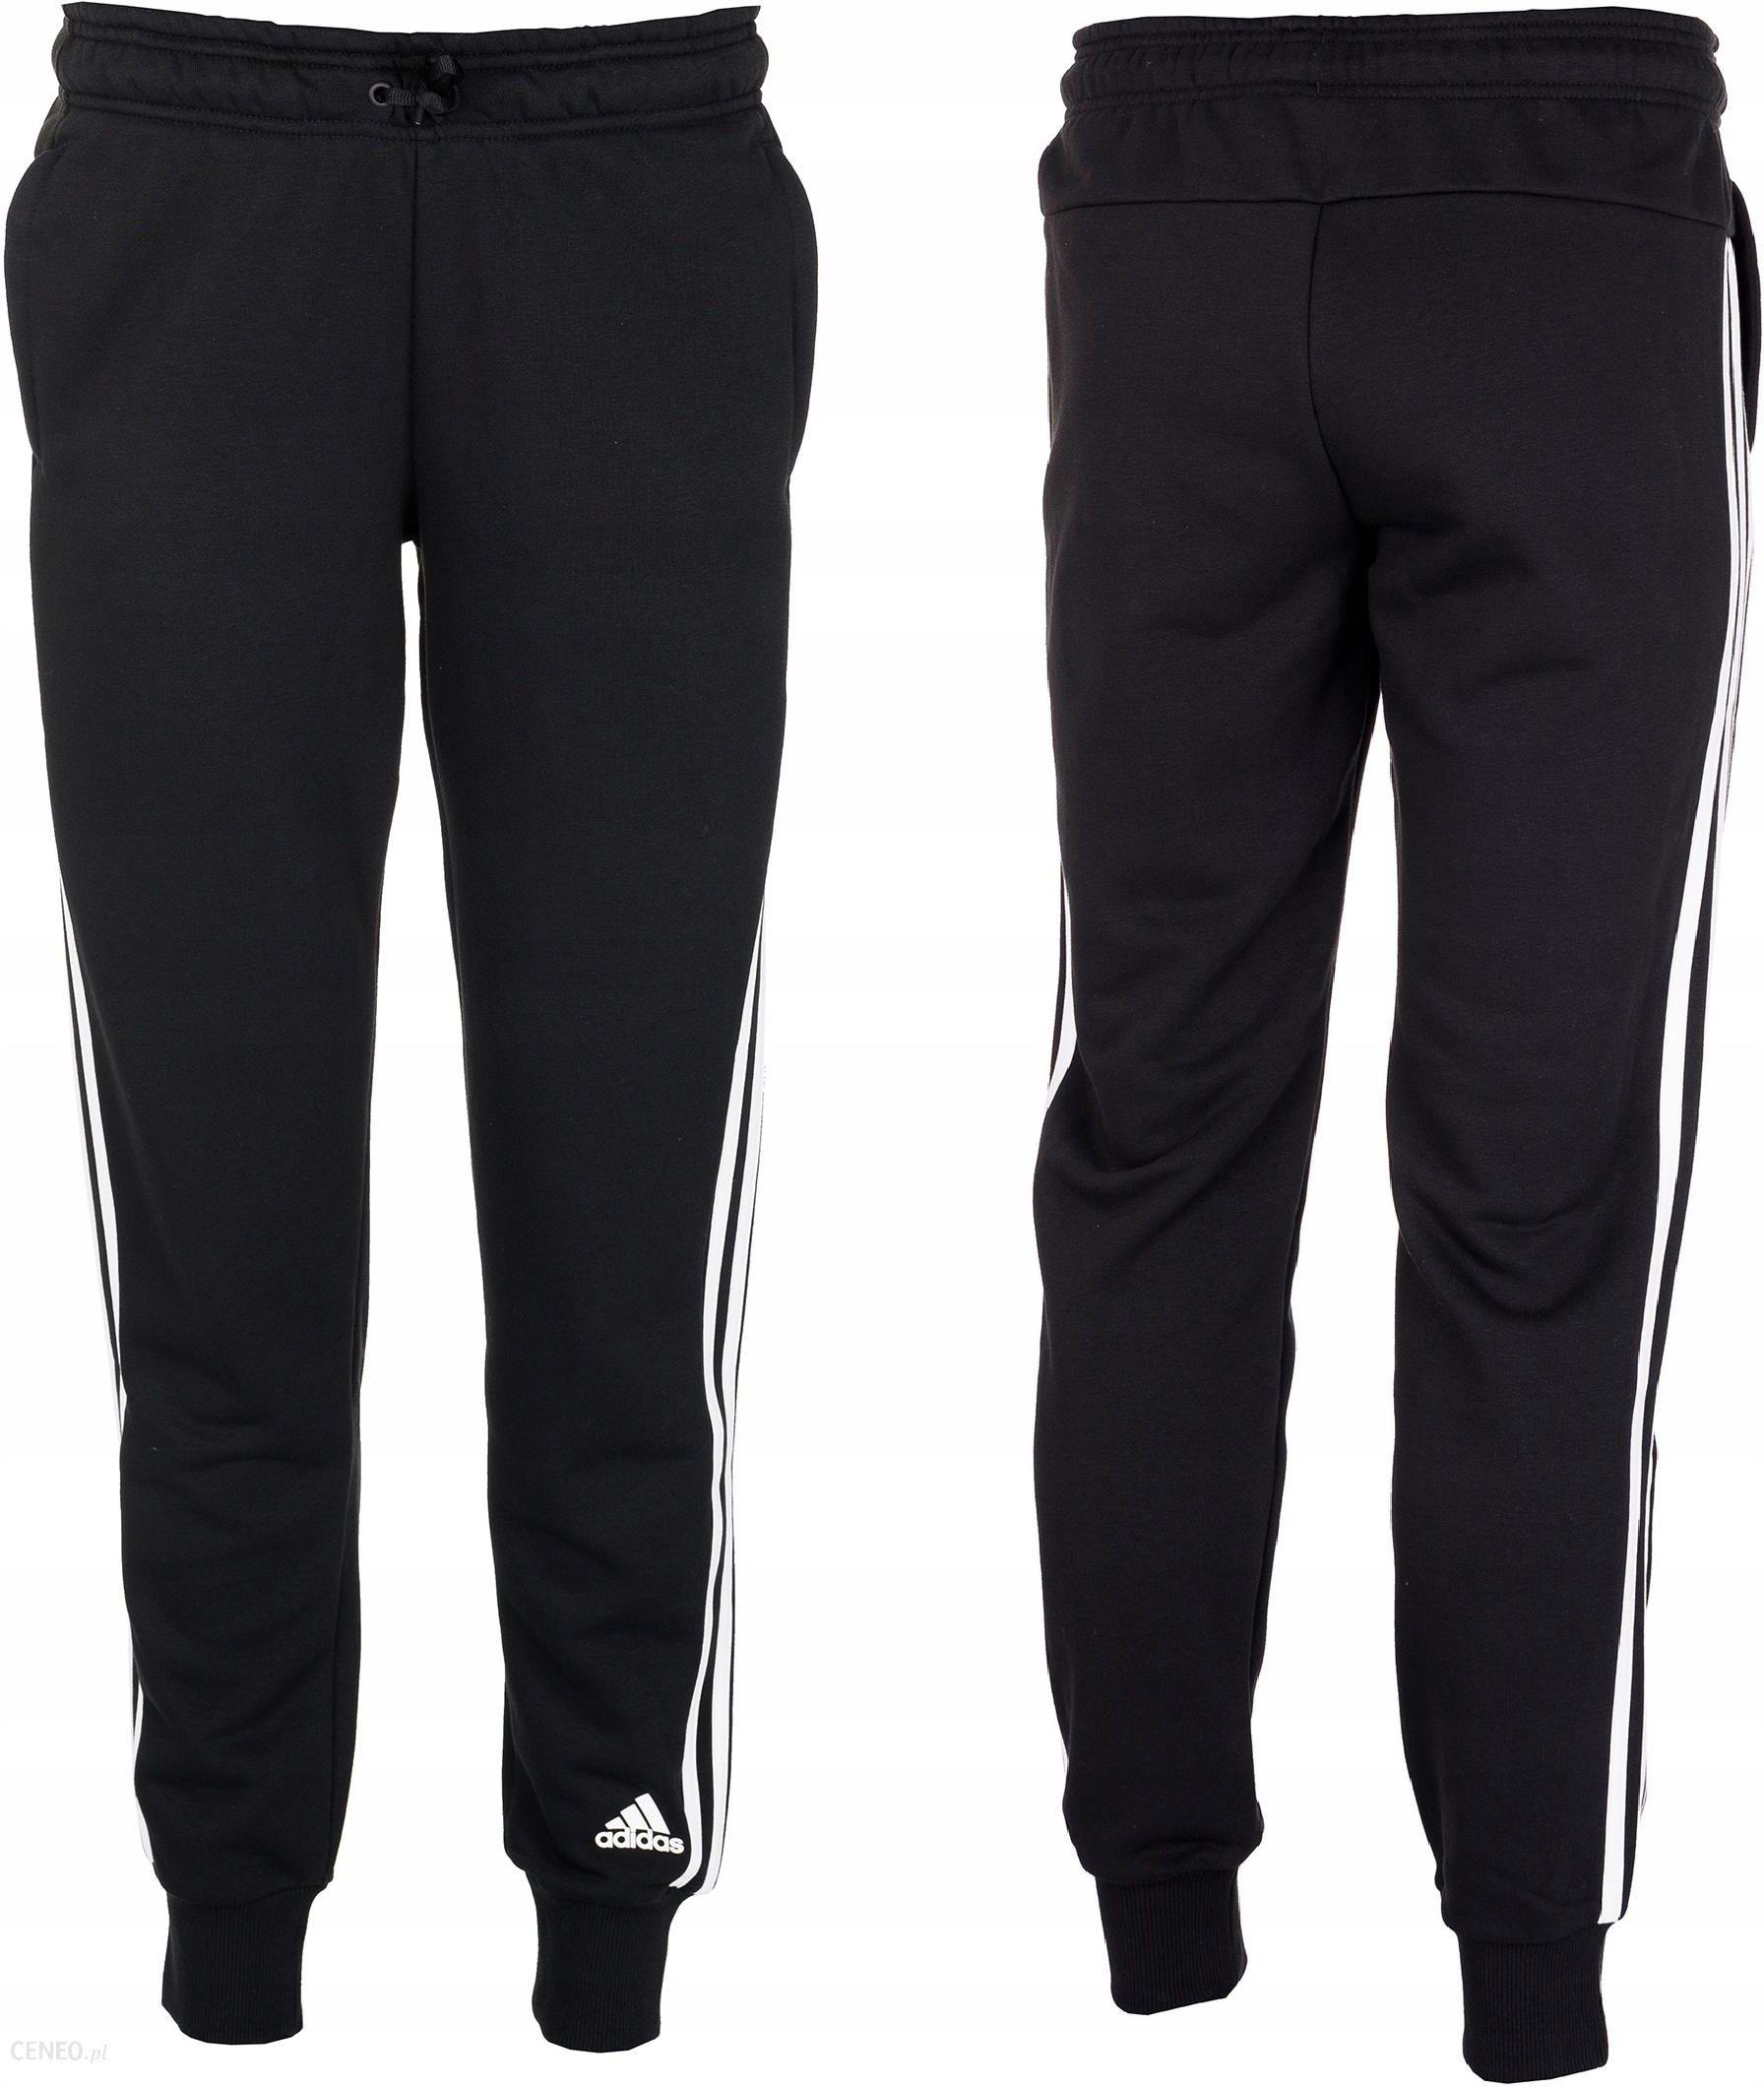 Spodnie dresowe damskie adidas czarne roz.XL Ceny i opinie Ceneo.pl